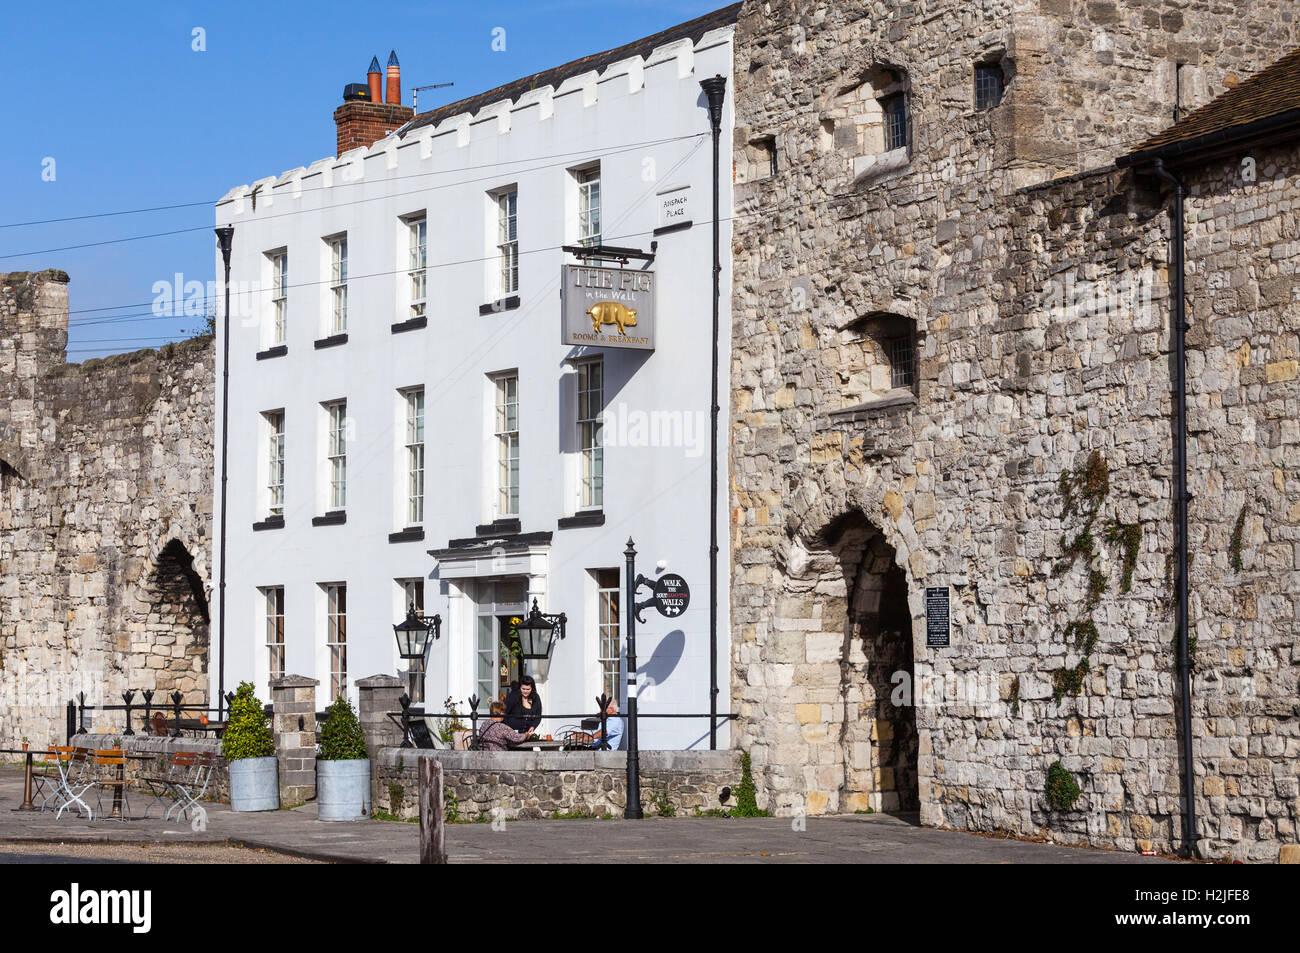 Le cochon dans le mur boutique hotel and restaurant situé entre l'enceinte historique de Southampton Photo Stock